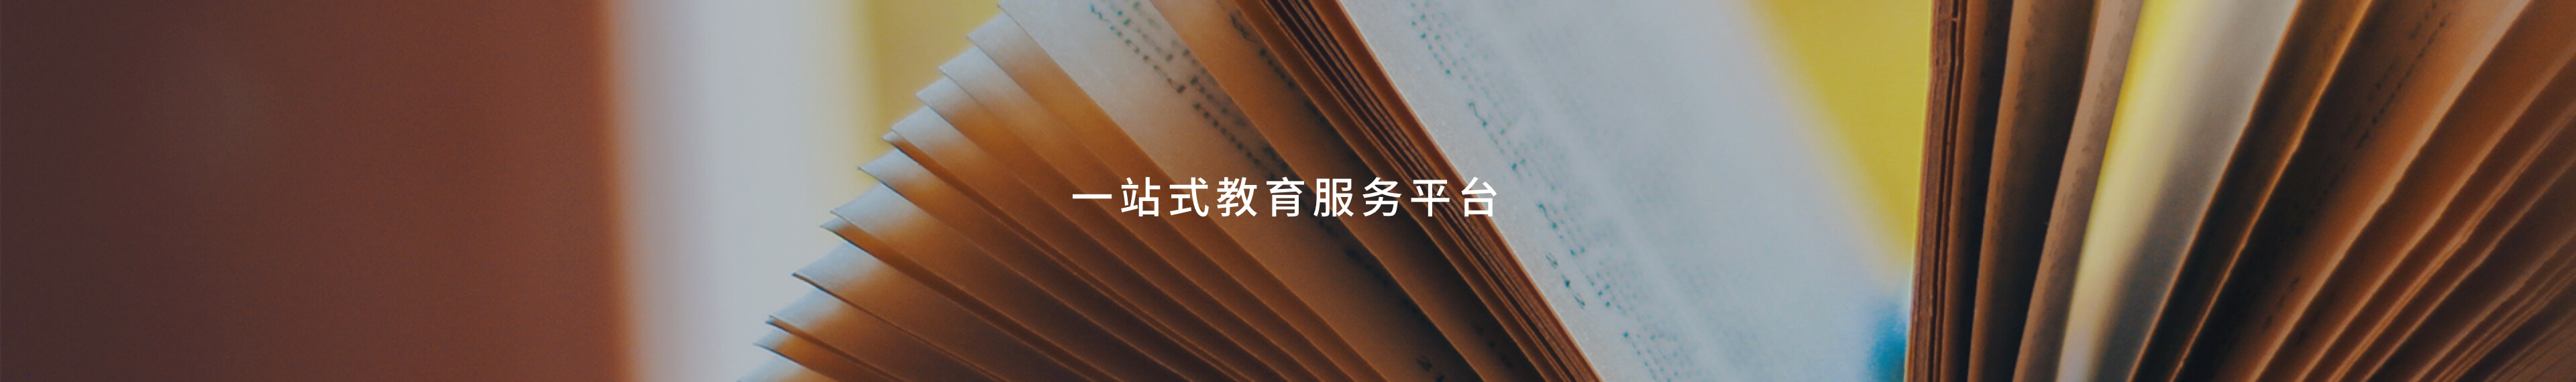 潭州一站式教育平台